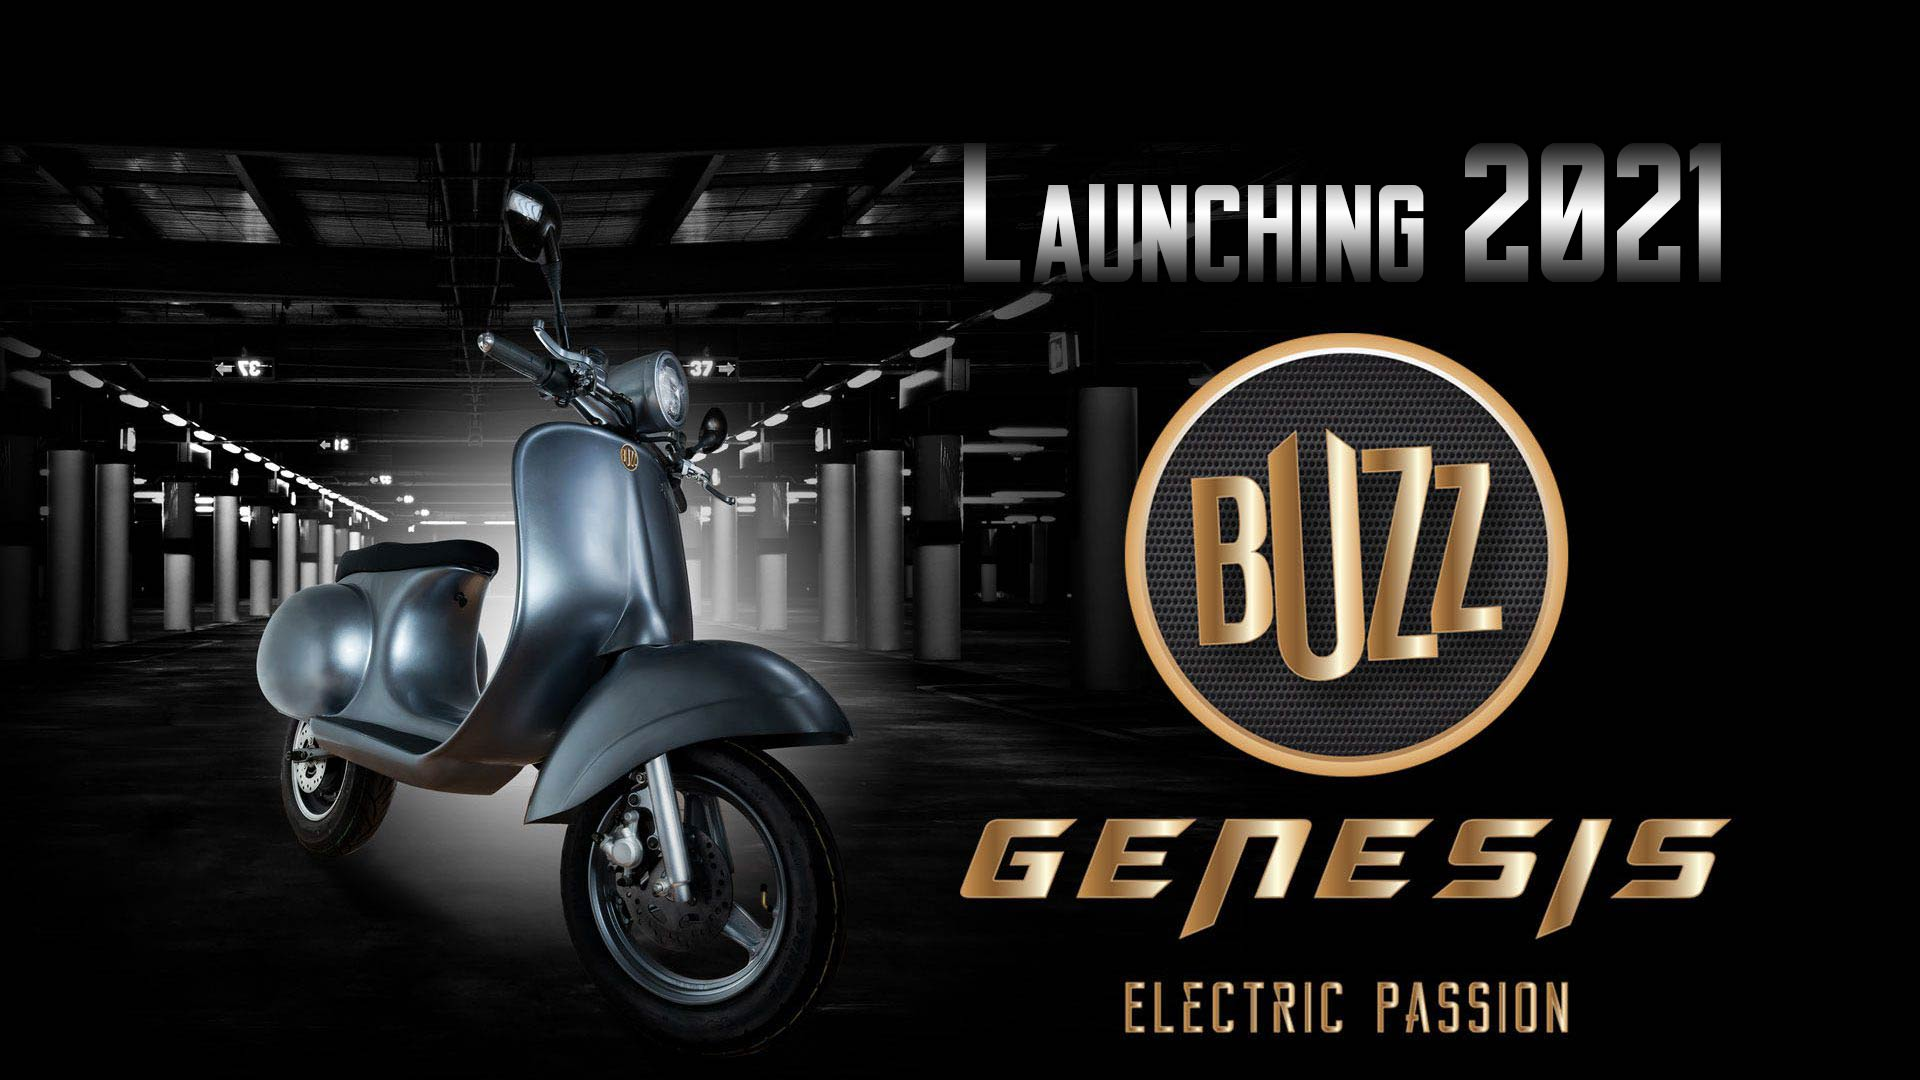 Buzz eScooter